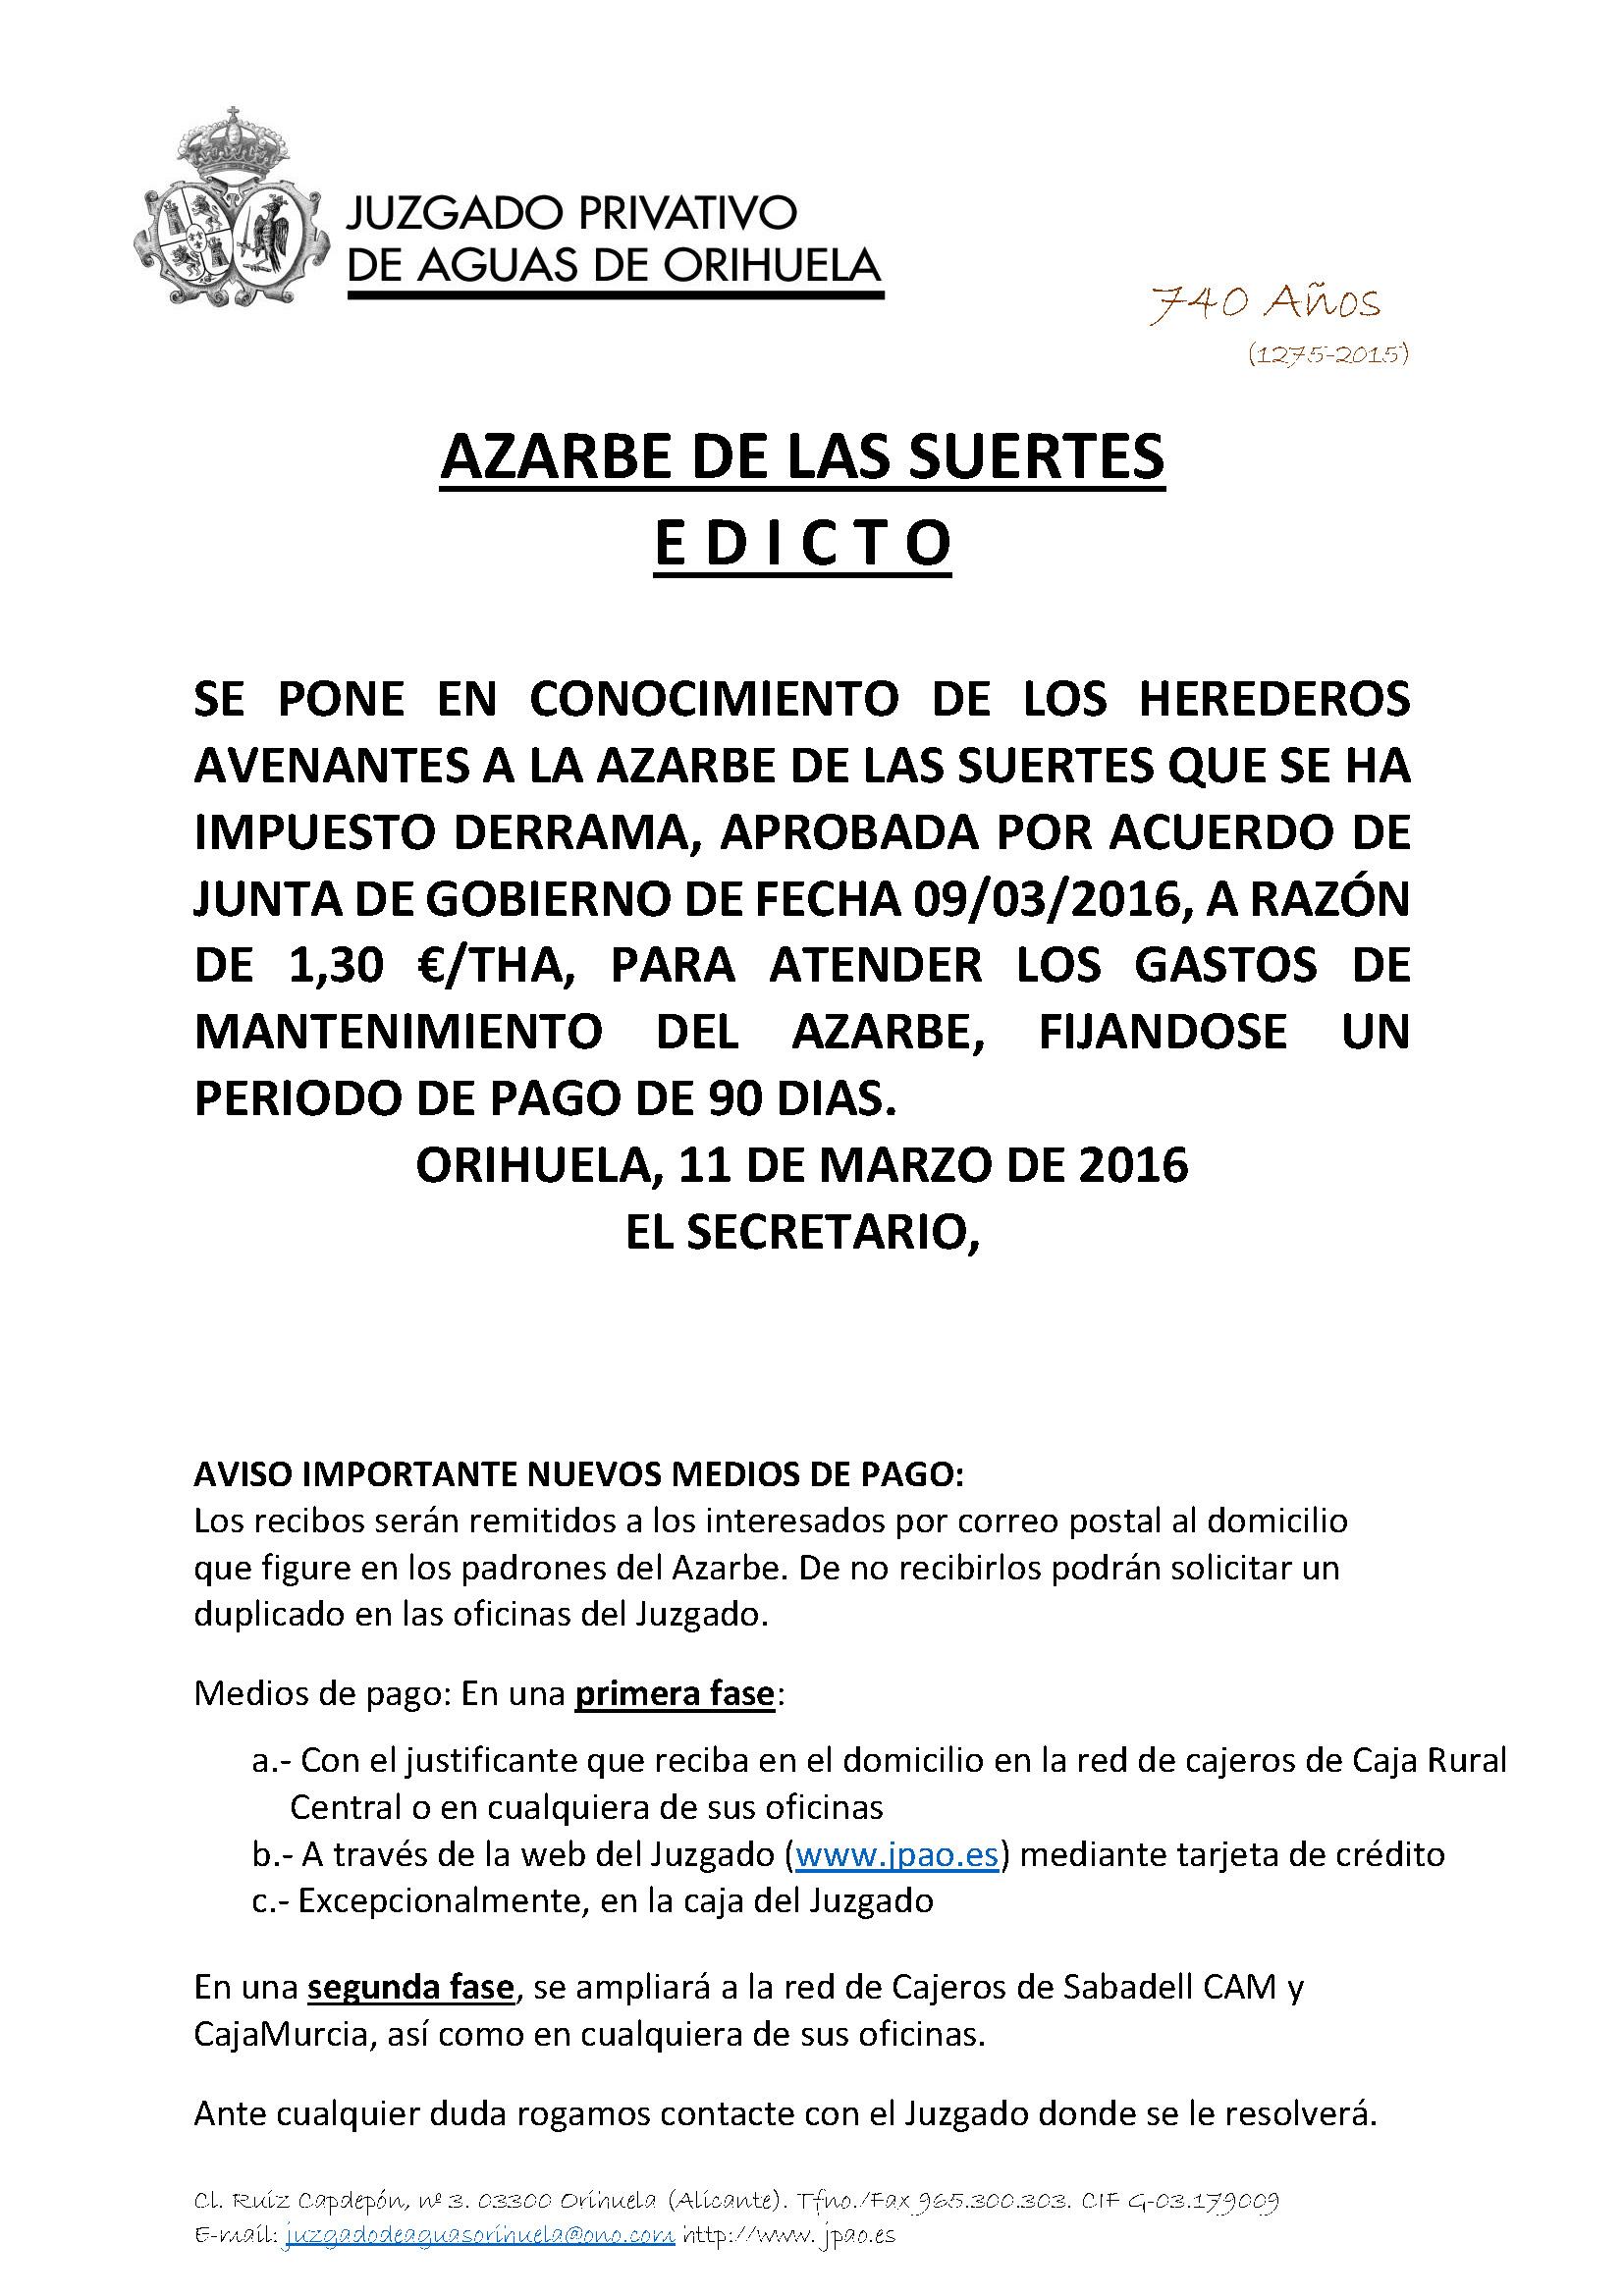 53 2016 AZARBE DE LAS SUERTES. EDICTO